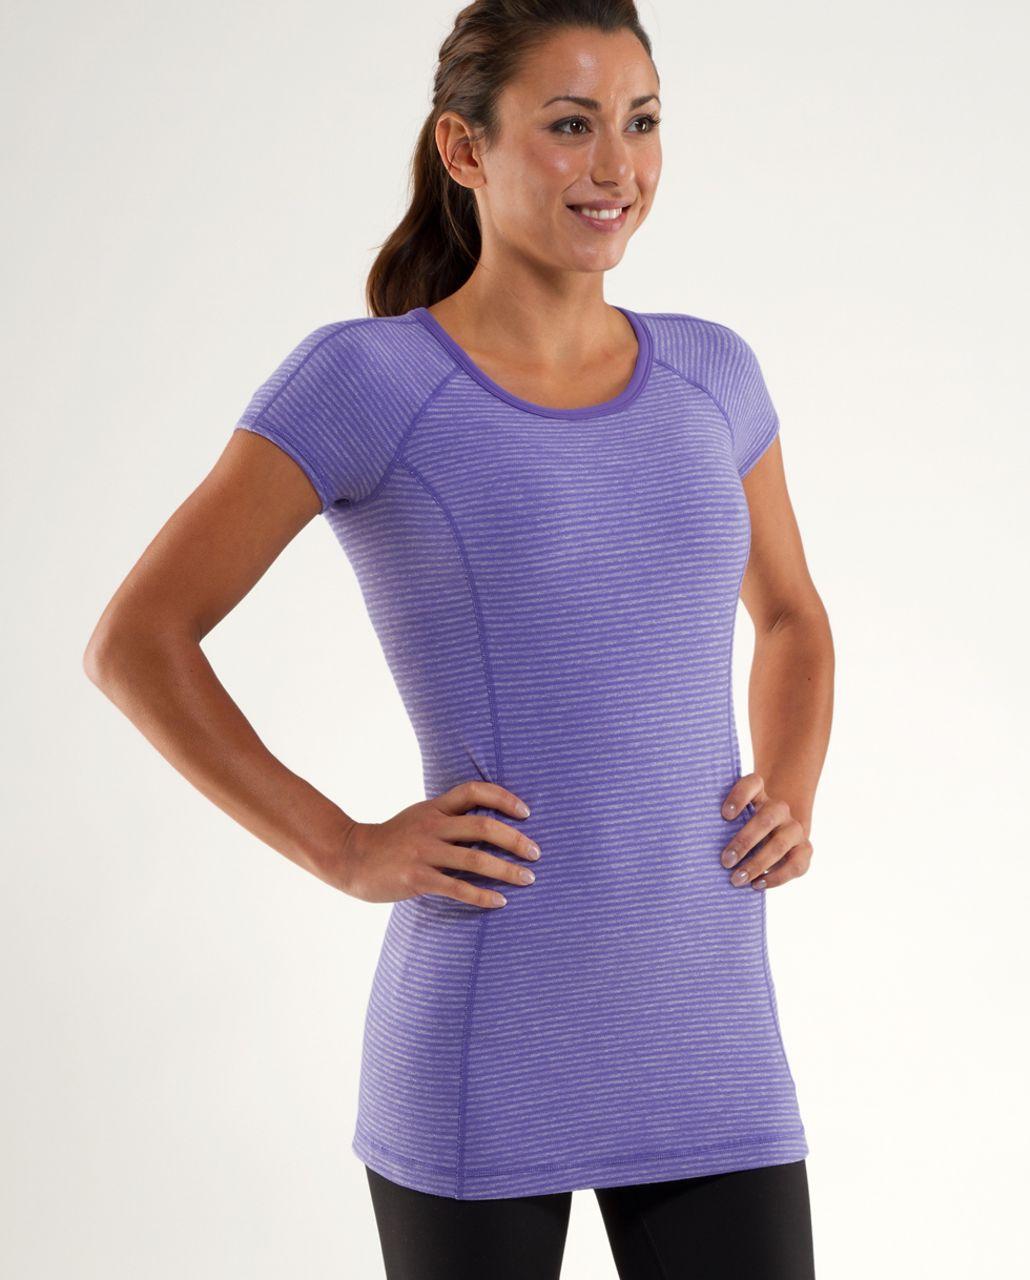 Lululemon Run:  Turn Around Short Sleeve - Persian Purple Heathered Persian Mini Check /  Reflective Sparkle Splatter